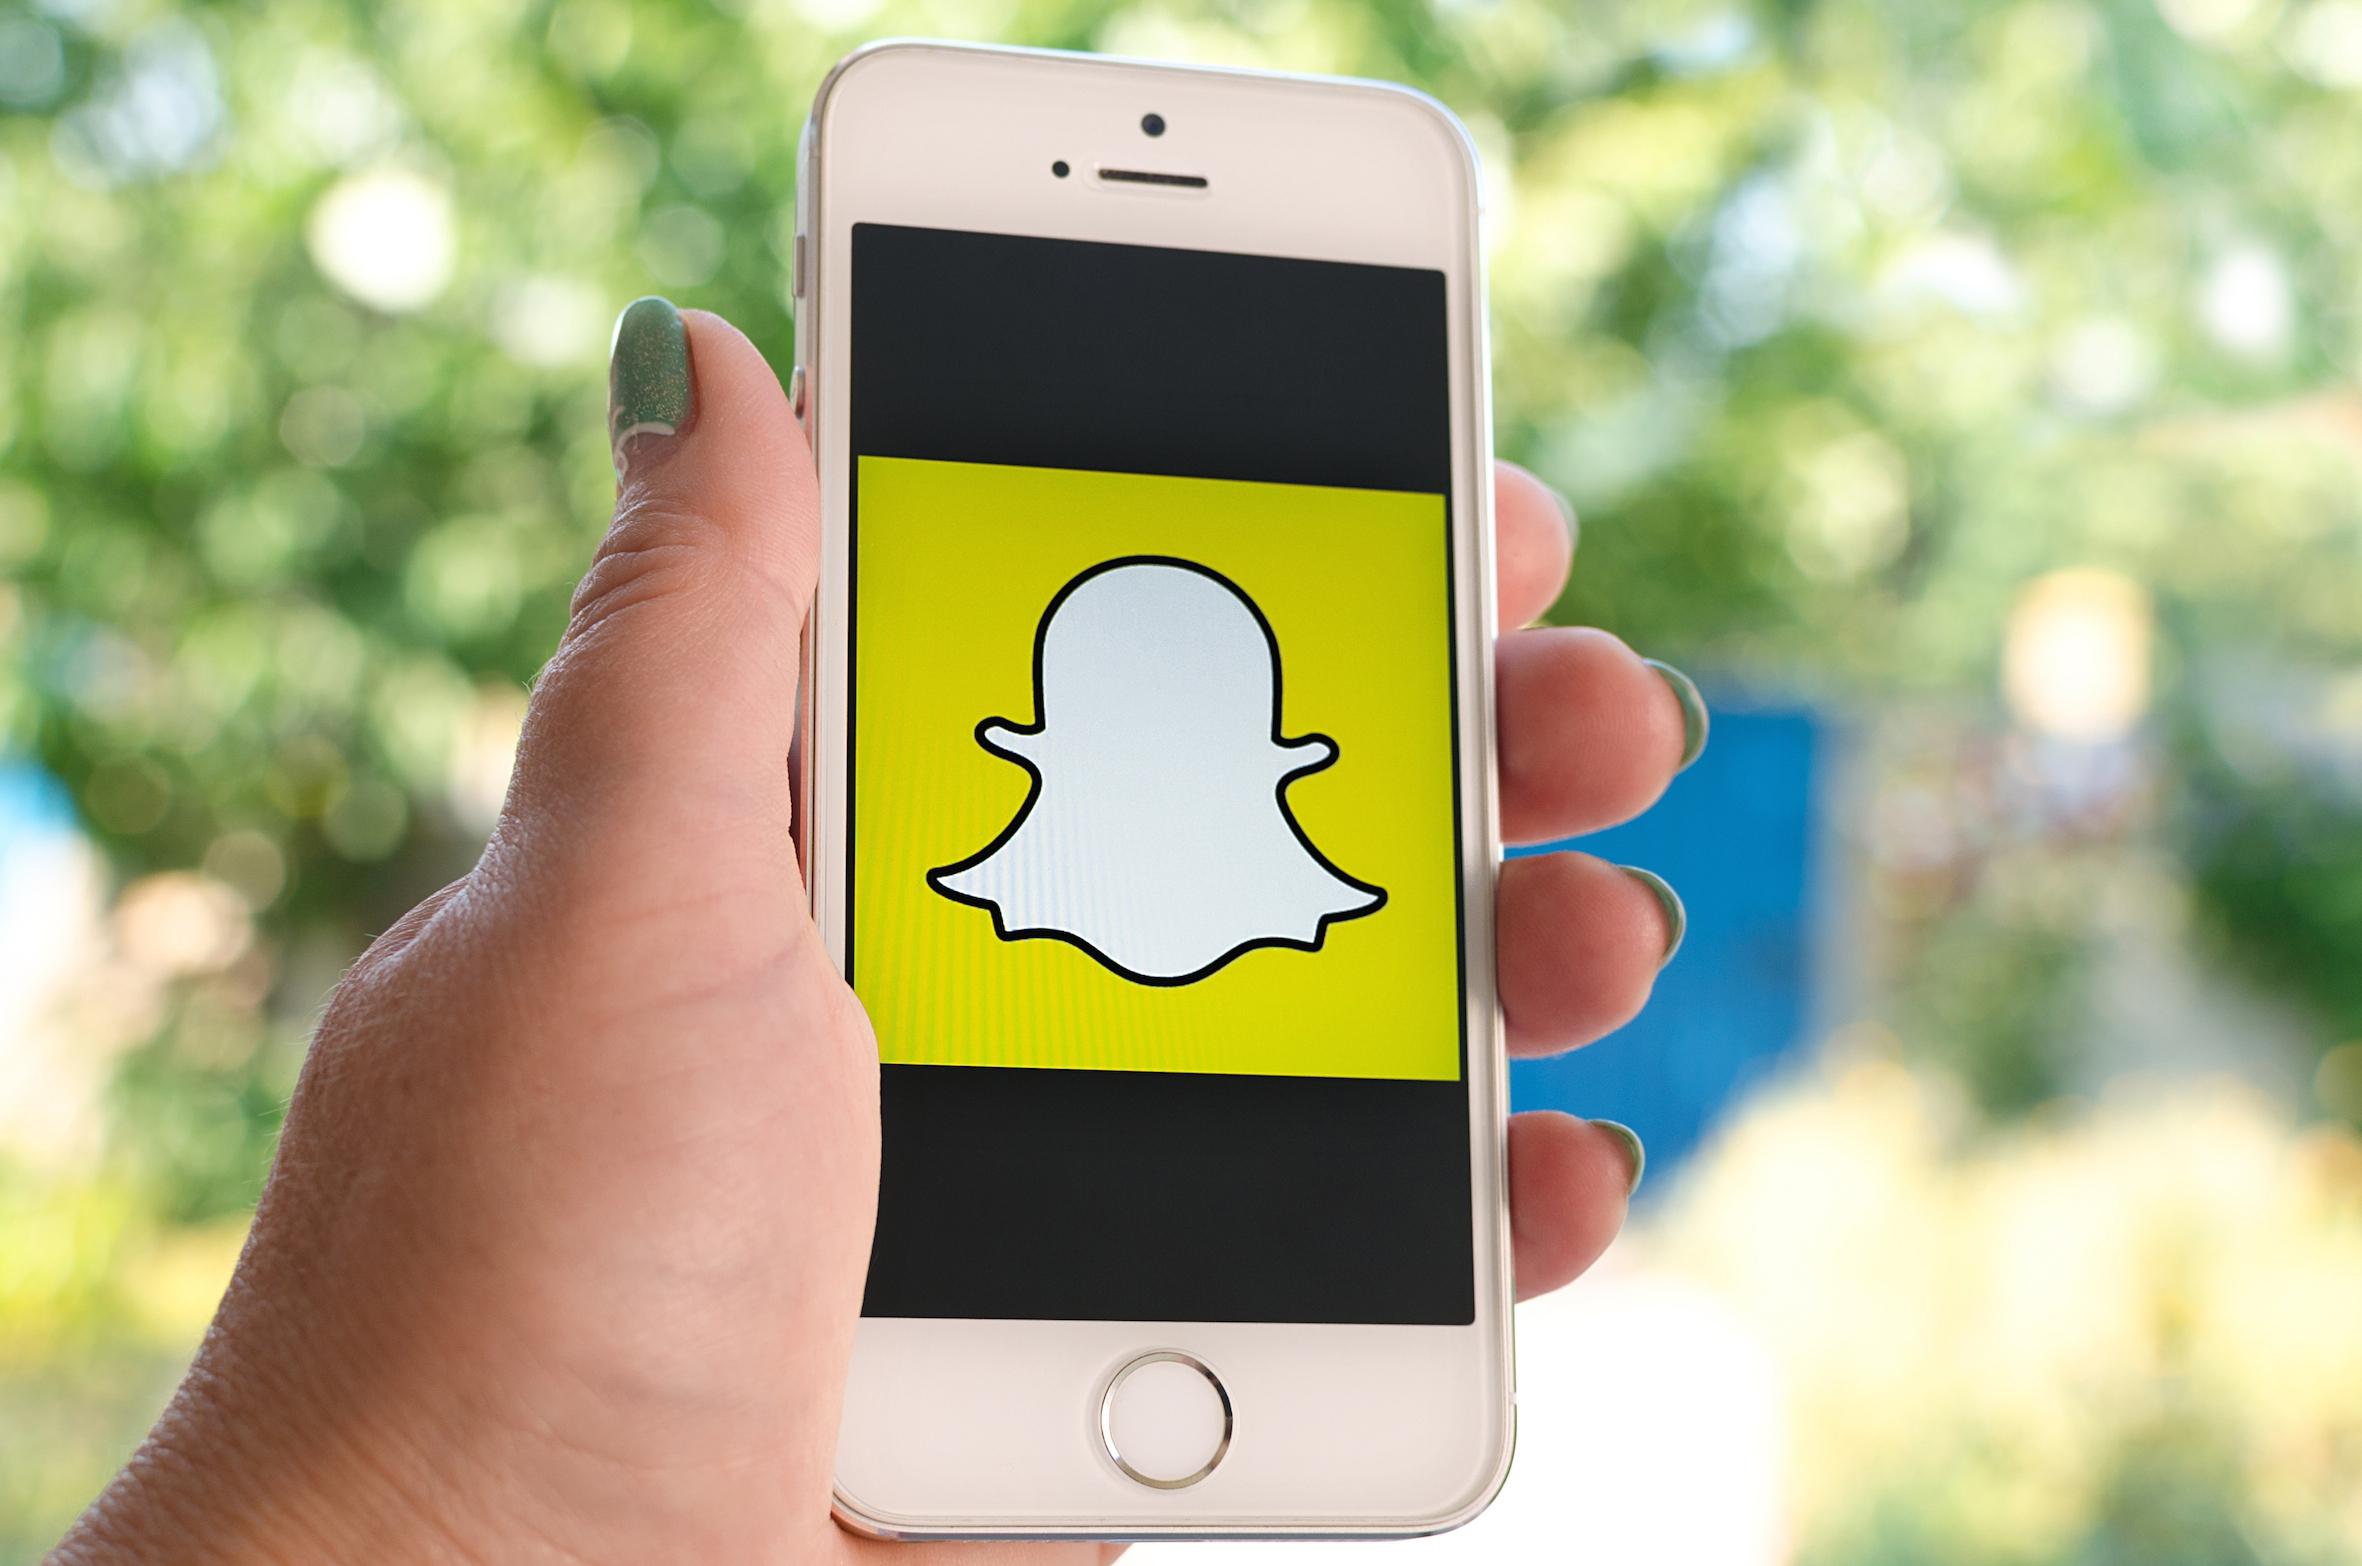 Snapchat verwijdert filter na klachten over racisme